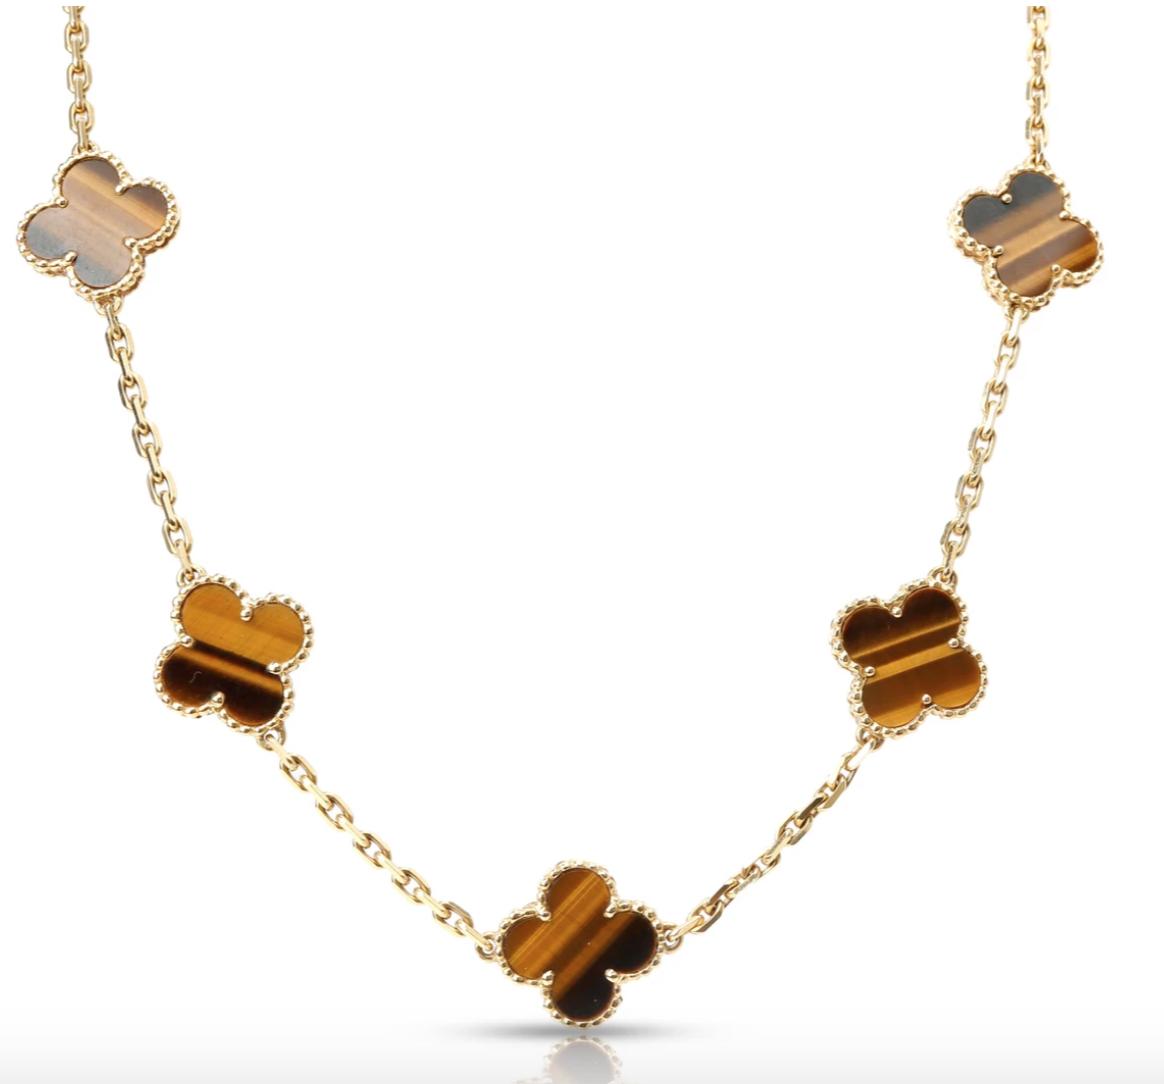 Vintage Van Cleef & Arpels Tiger Eye Alhambra Necklace in 18K Gold